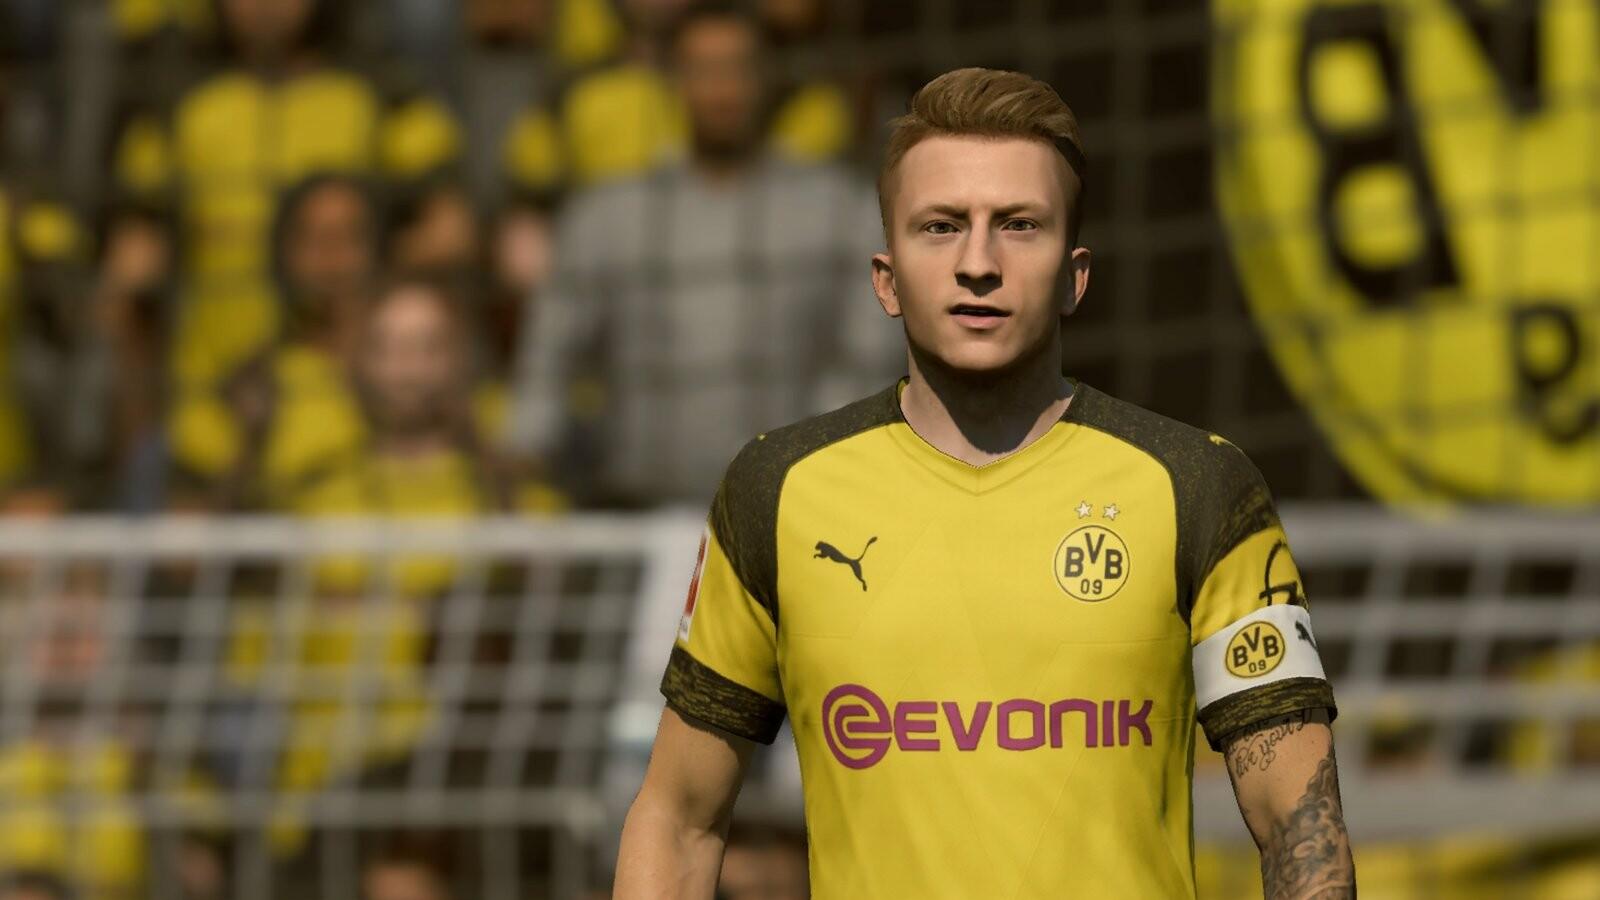 FIFA 19 FUT: Winter-Upgrades kommen - so viel besser wird Marco Reus